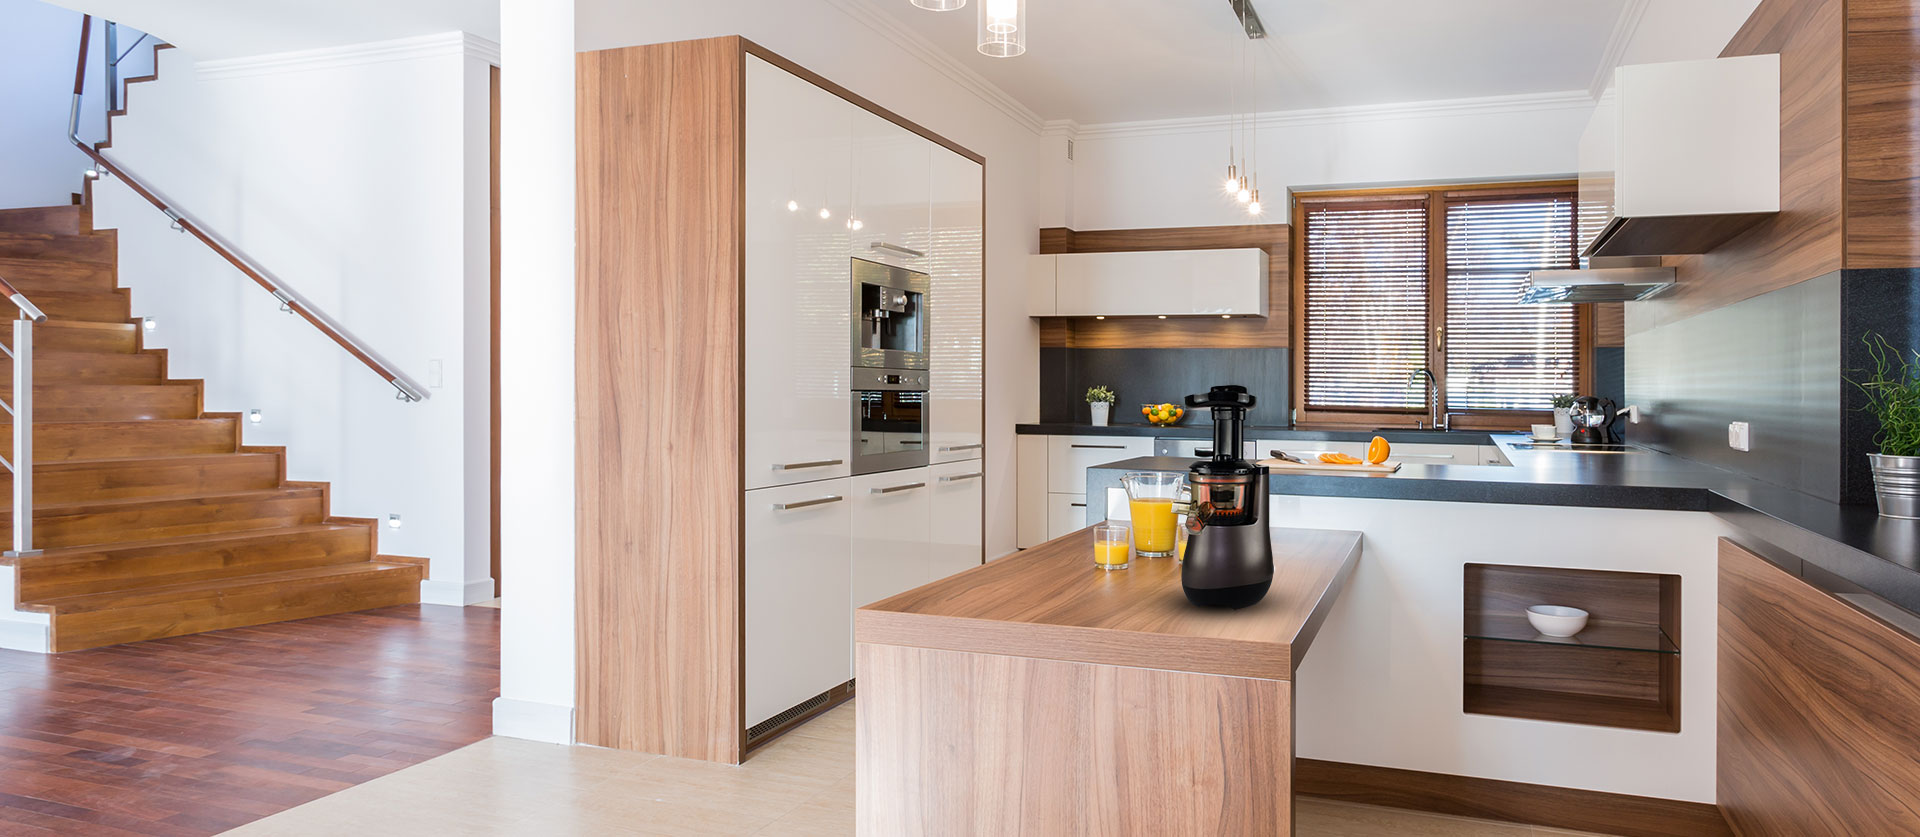 Best Kitchen Appliances in India